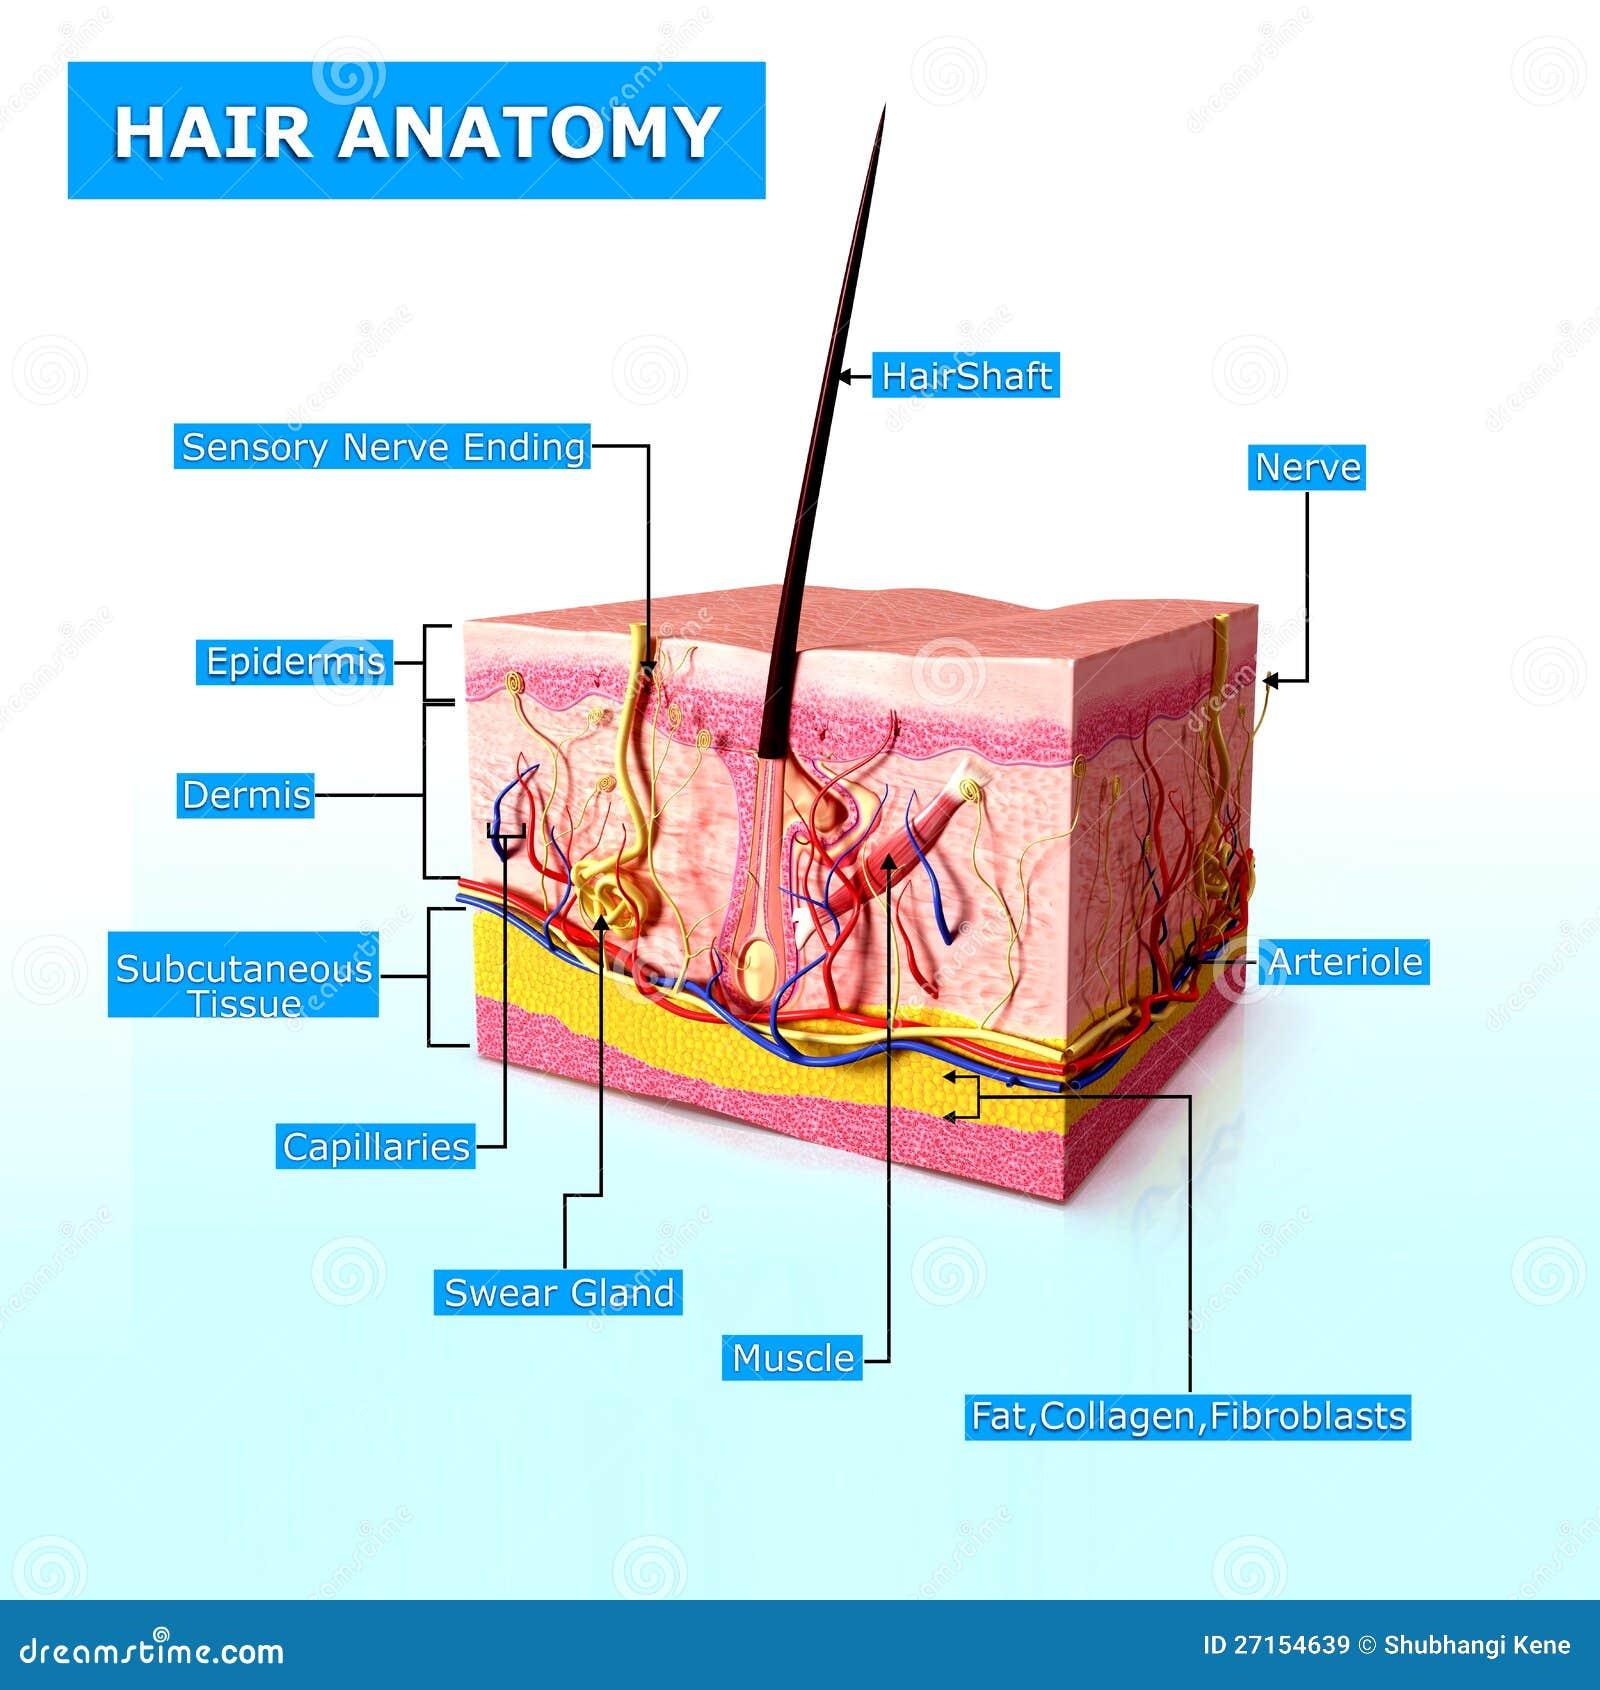 Anatomie des Haares stock abbildung. Illustration von bedingung ...